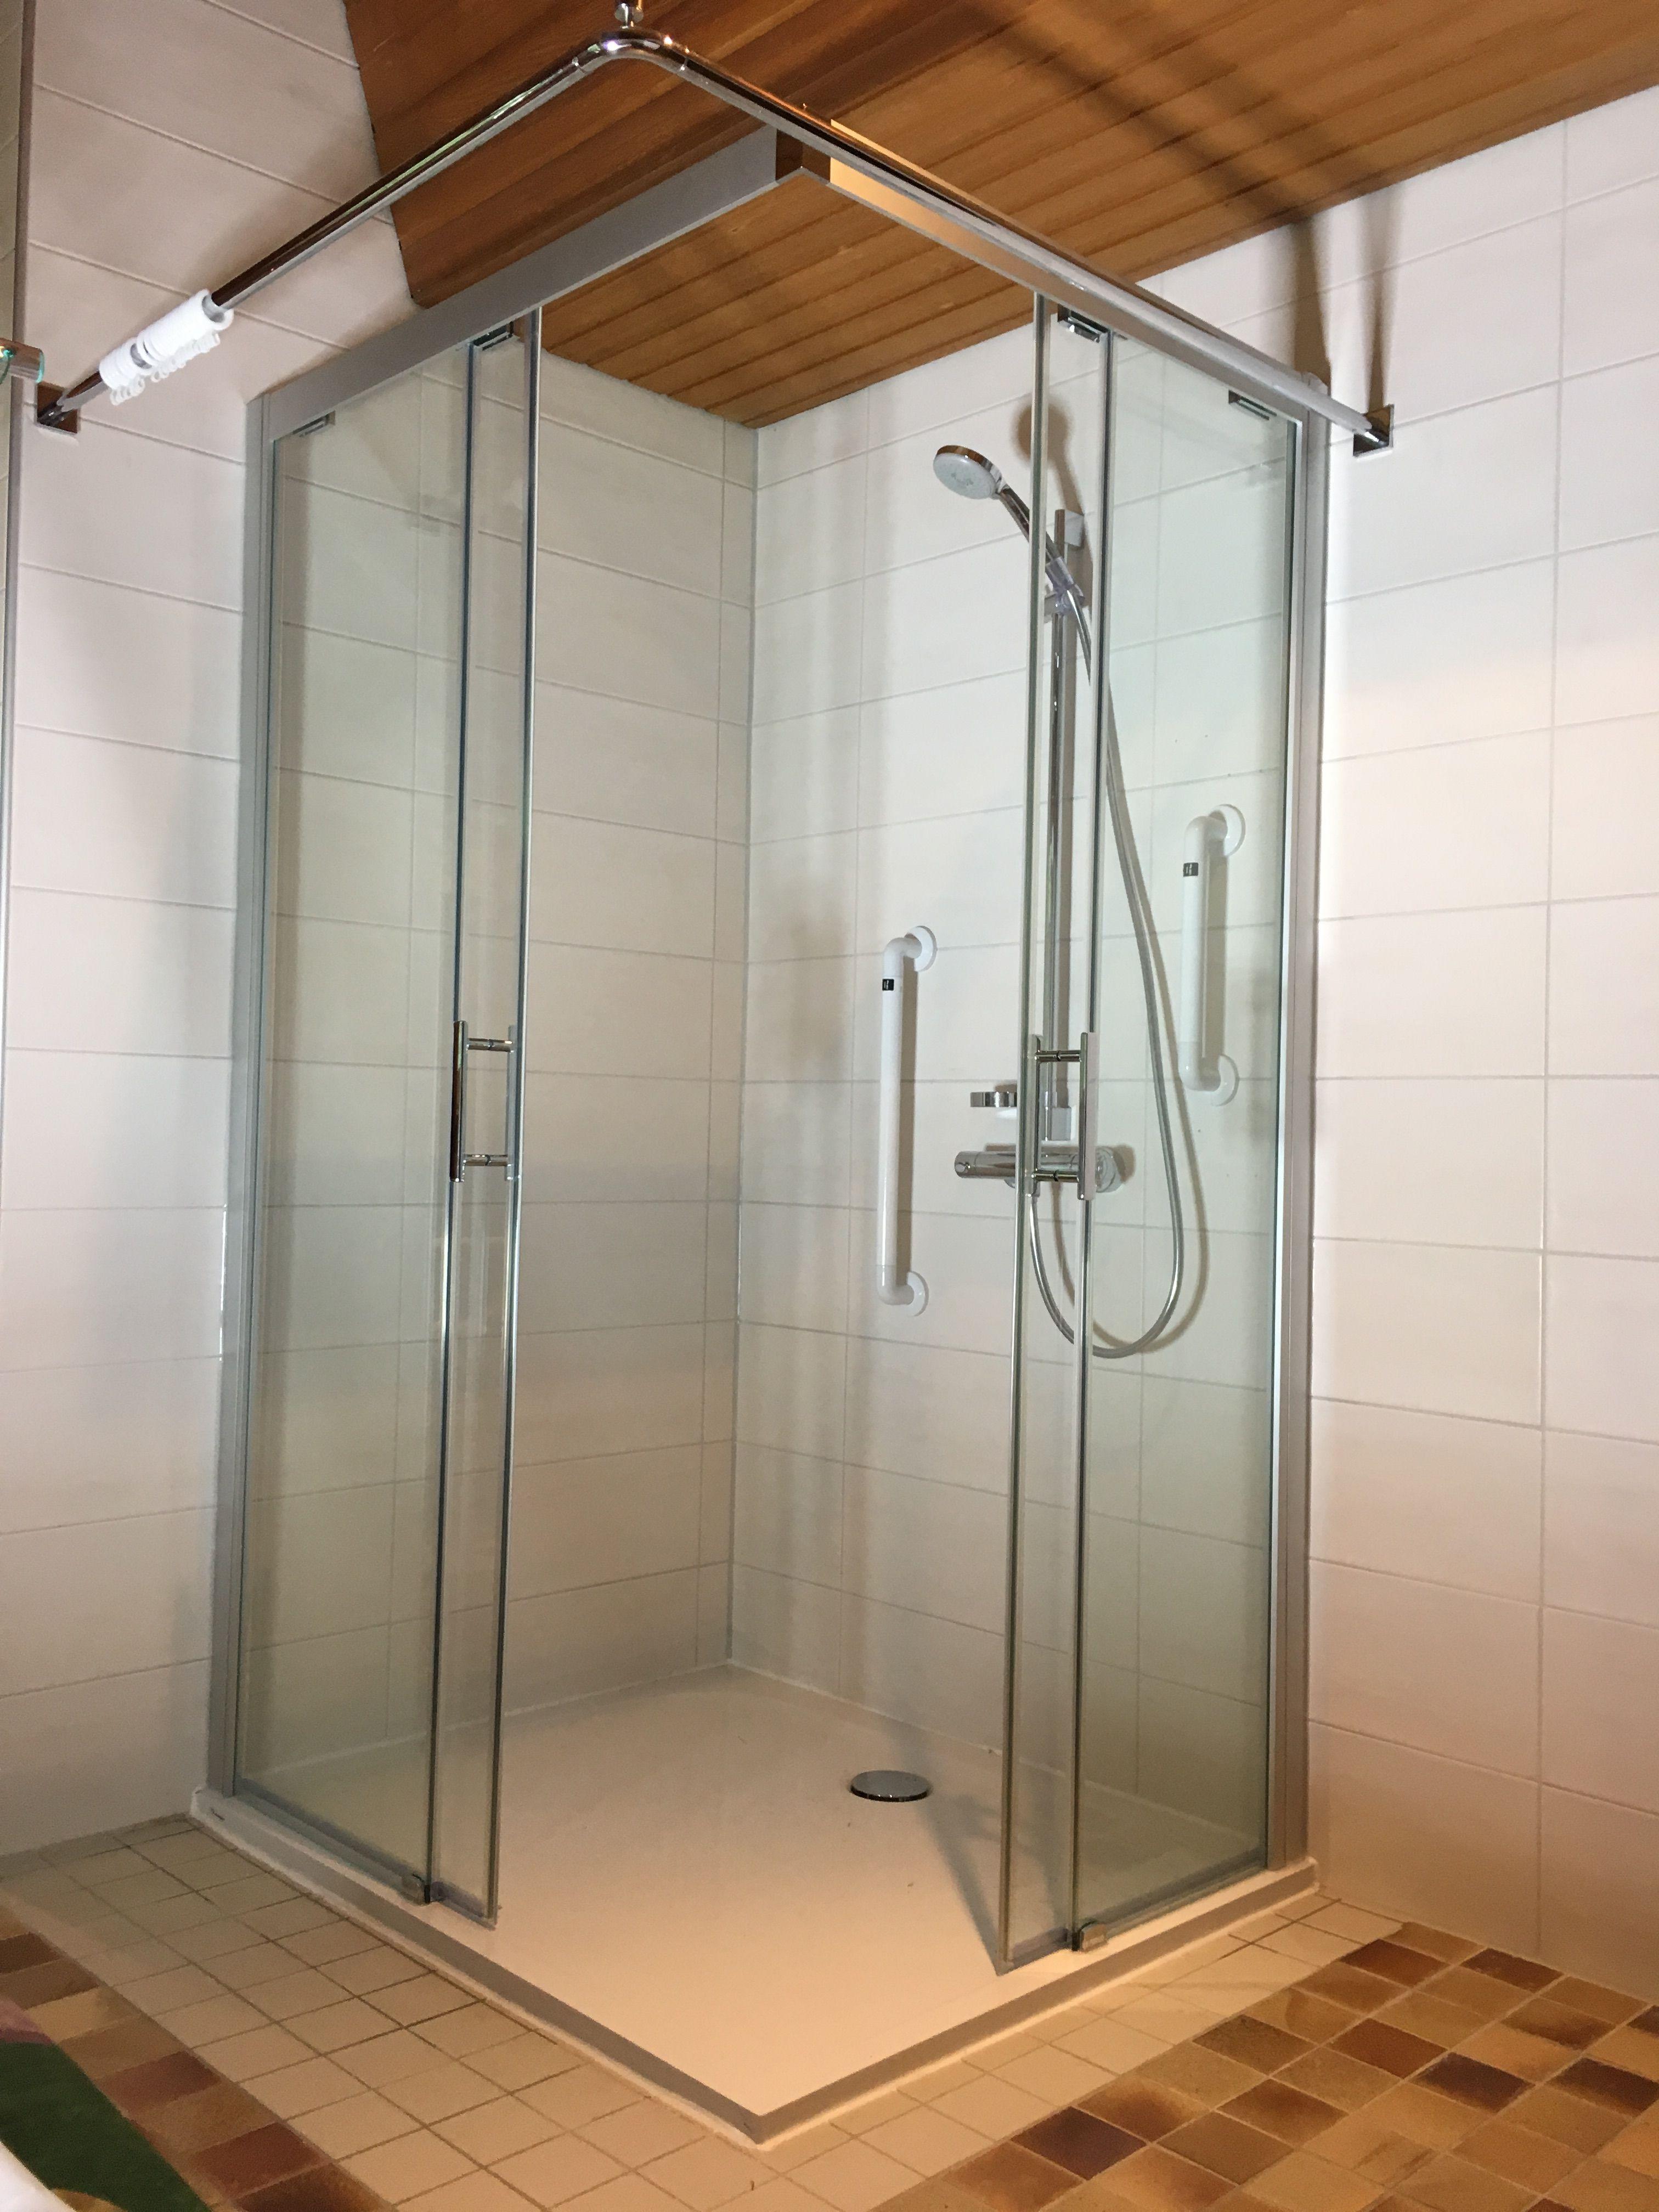 Duschkabine Schiebeture Montiert Aus Glas Mit Bildern